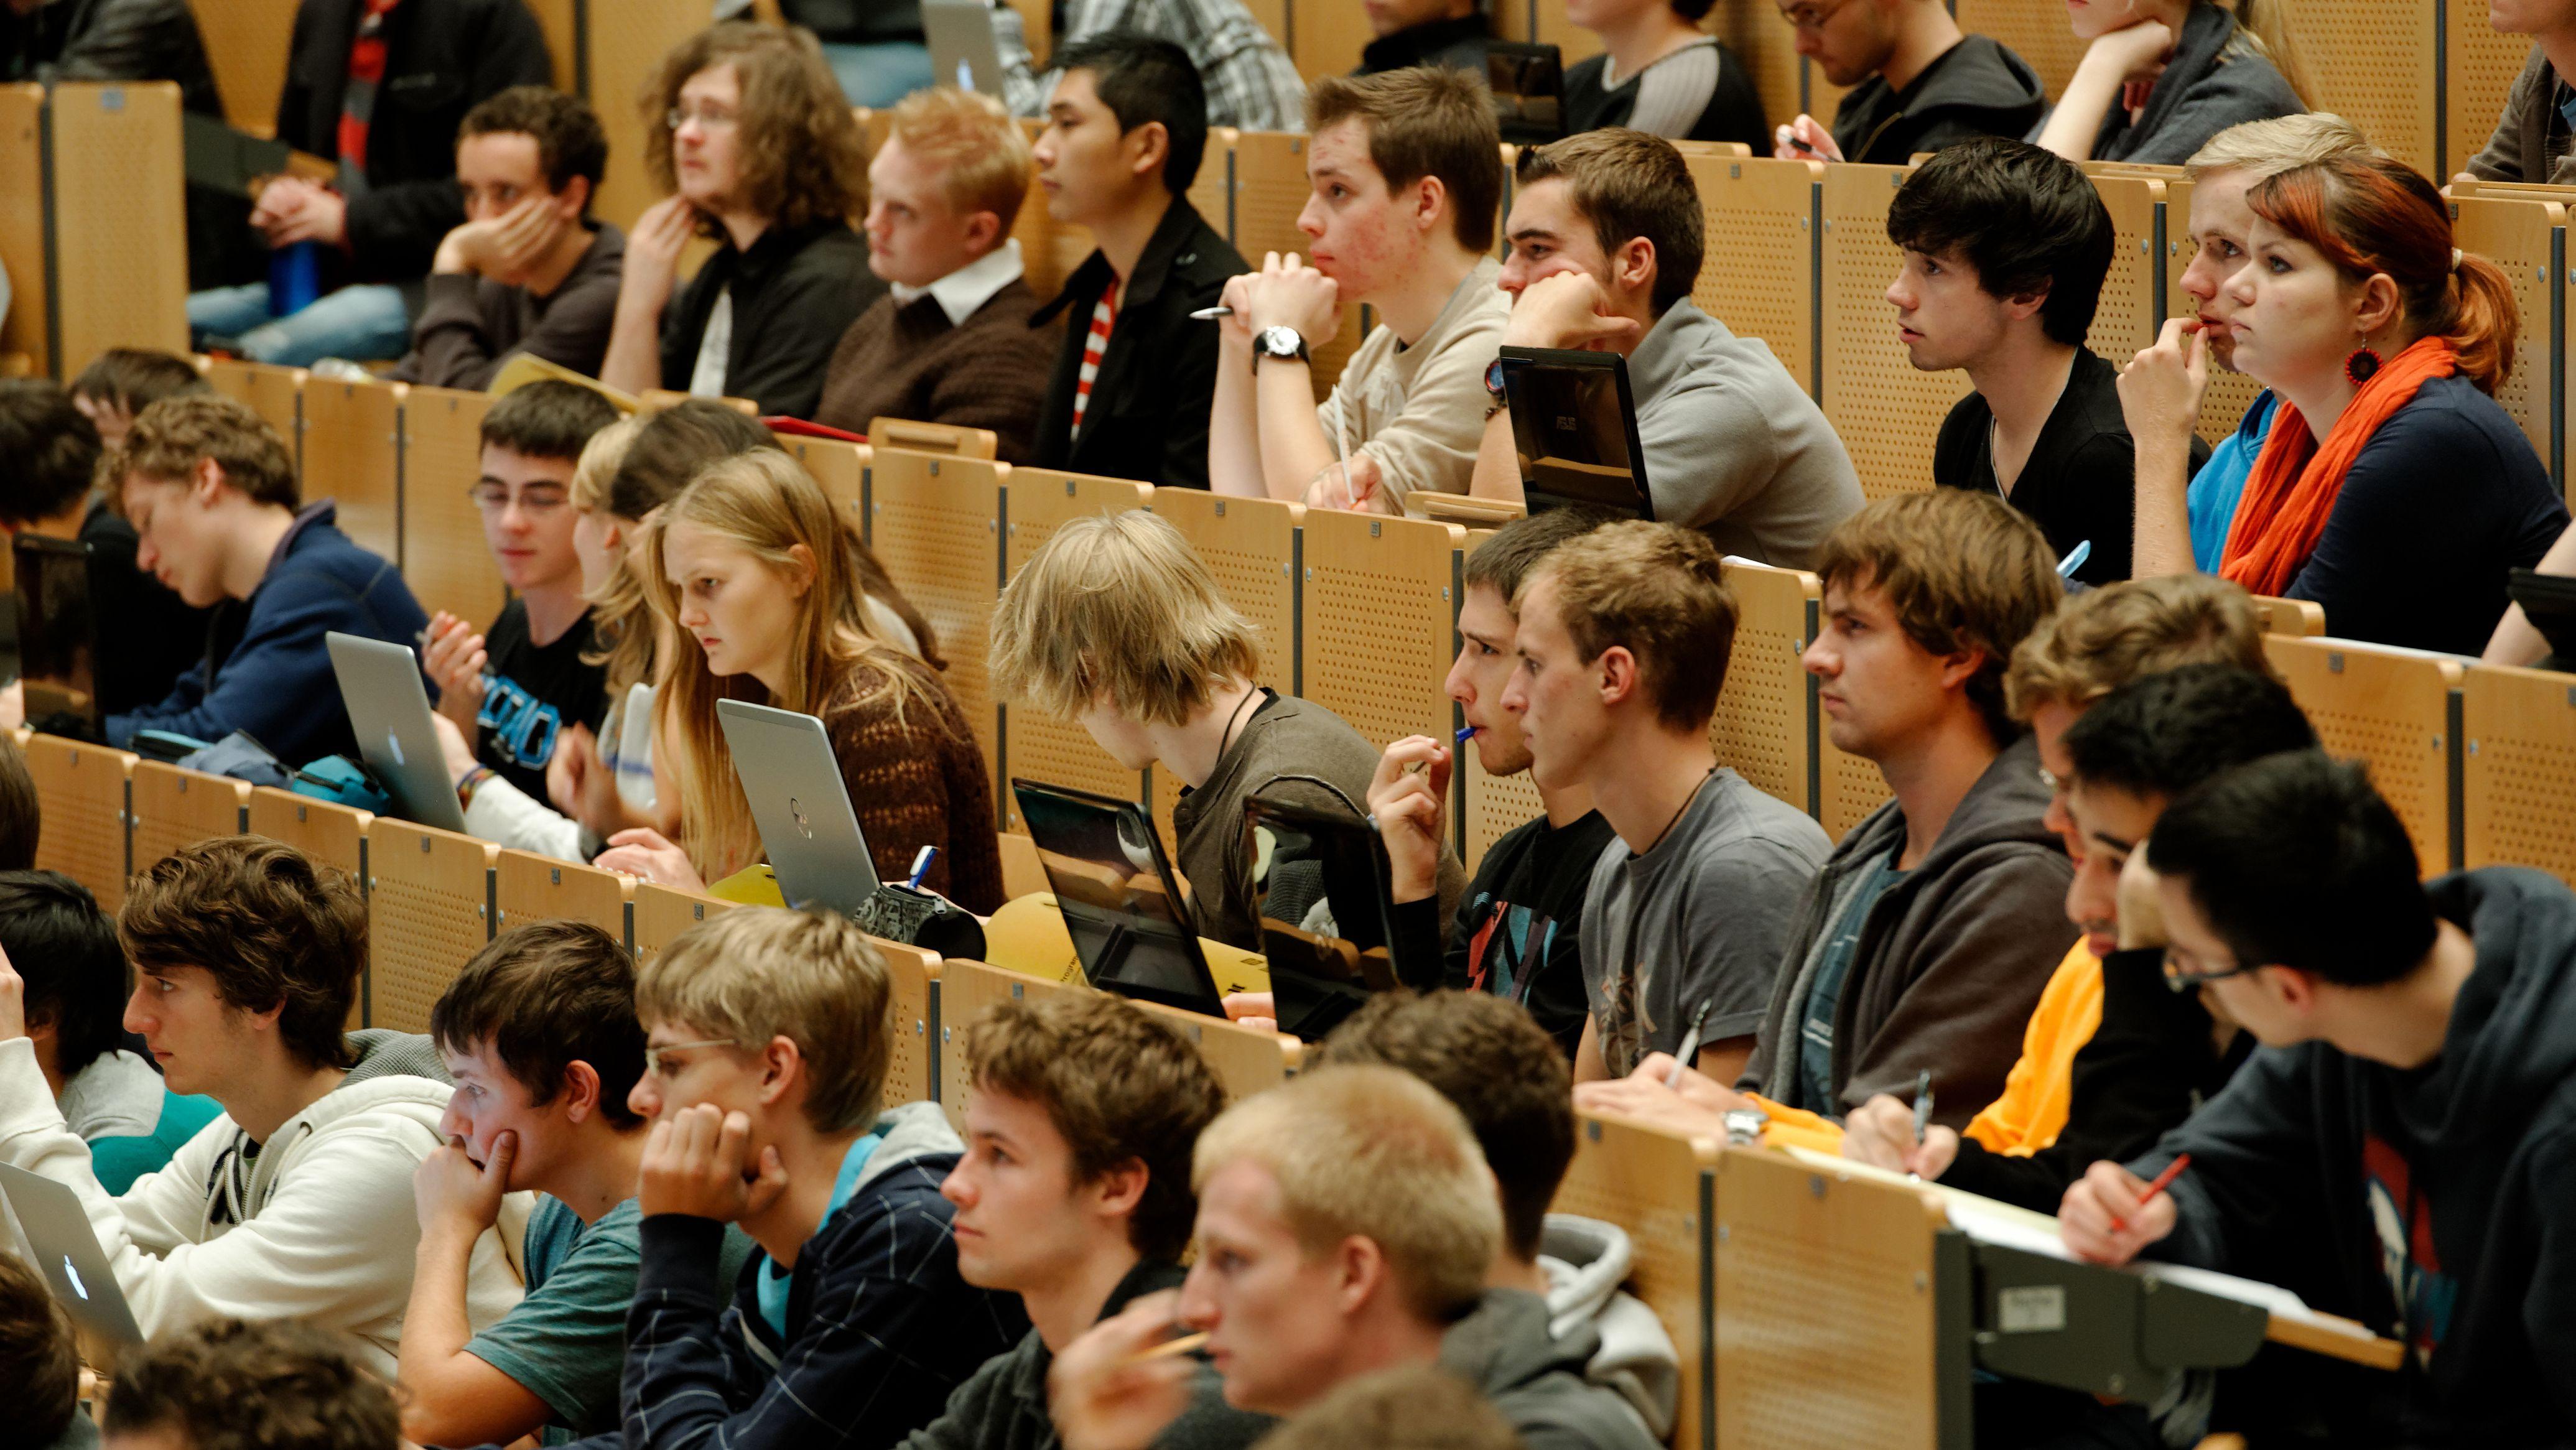 Studierende verfolgen eine Vorlesung.